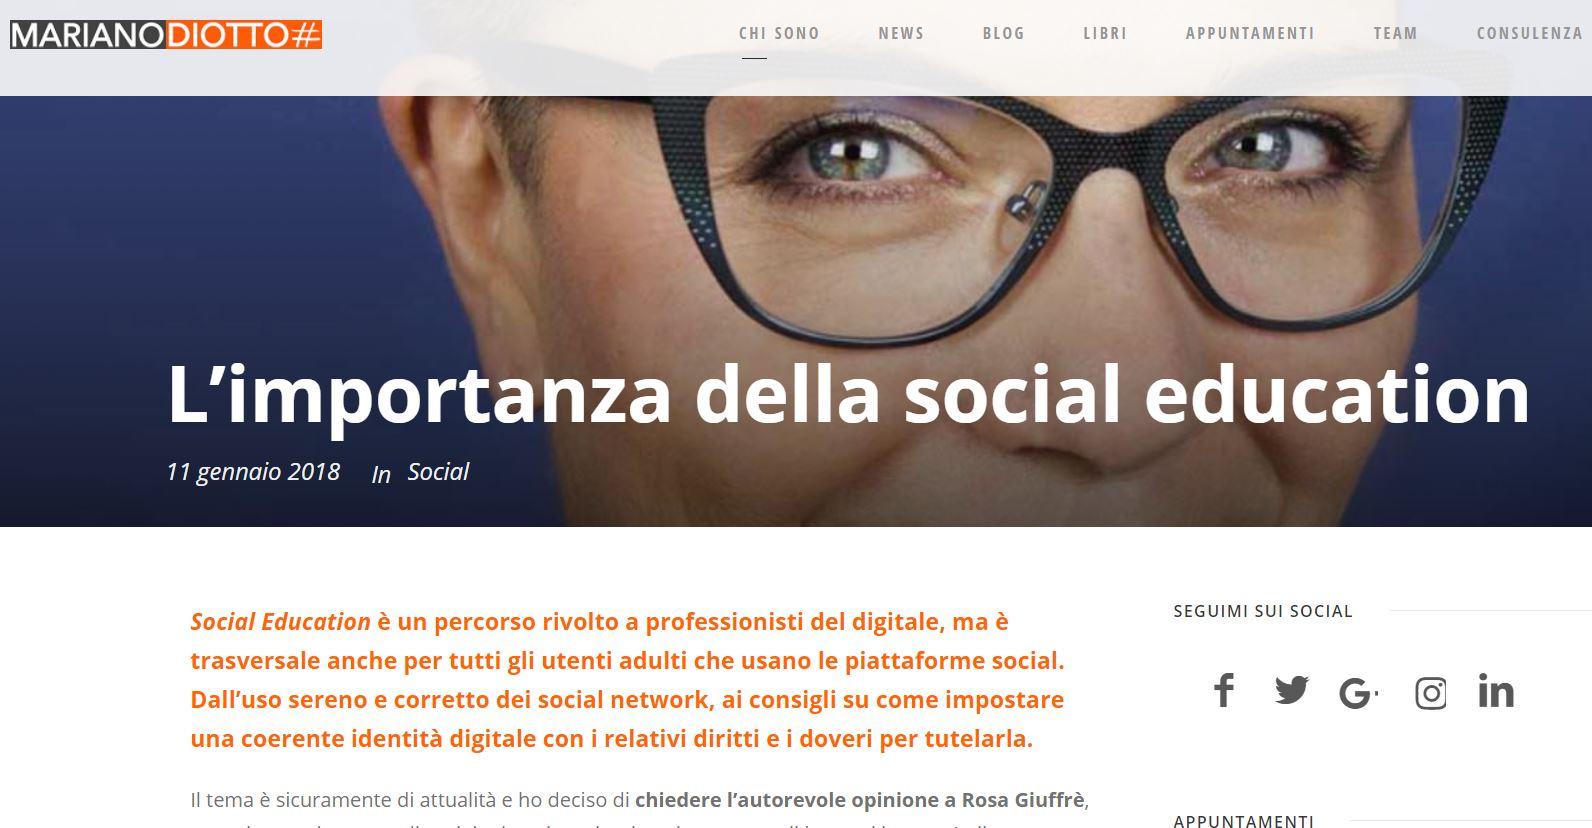 Mariano diotto intervista Rosa Giuffrè